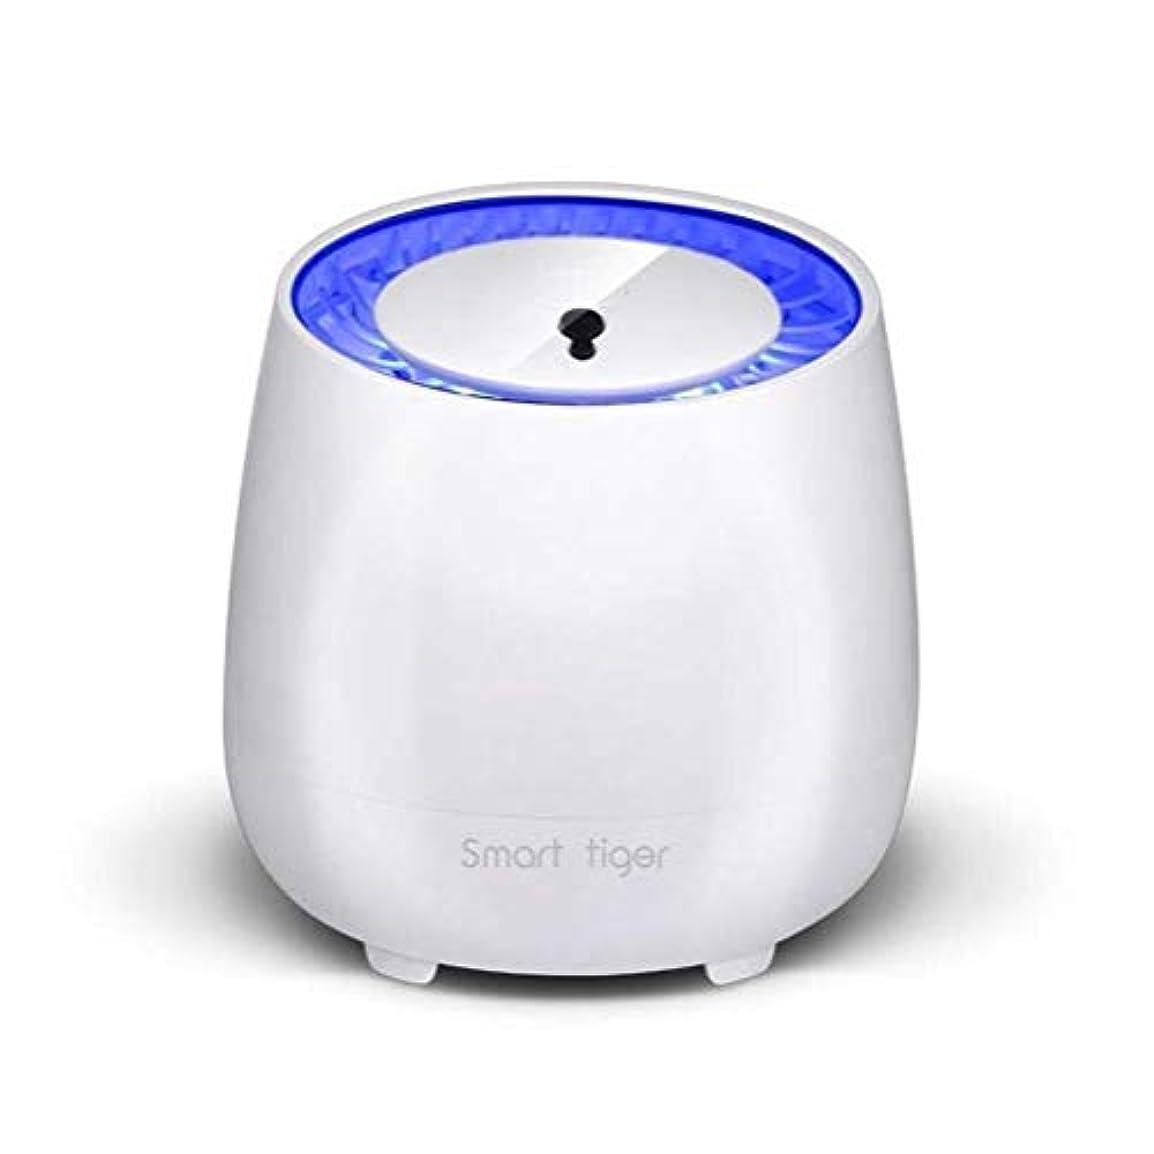 システム描く掻く屋外/家の光触媒の蚊のキラー、放射無し超静かなLEDの電子カのキラー、USBの充満/作り付け電池理性的な光制御 (色 : 白)